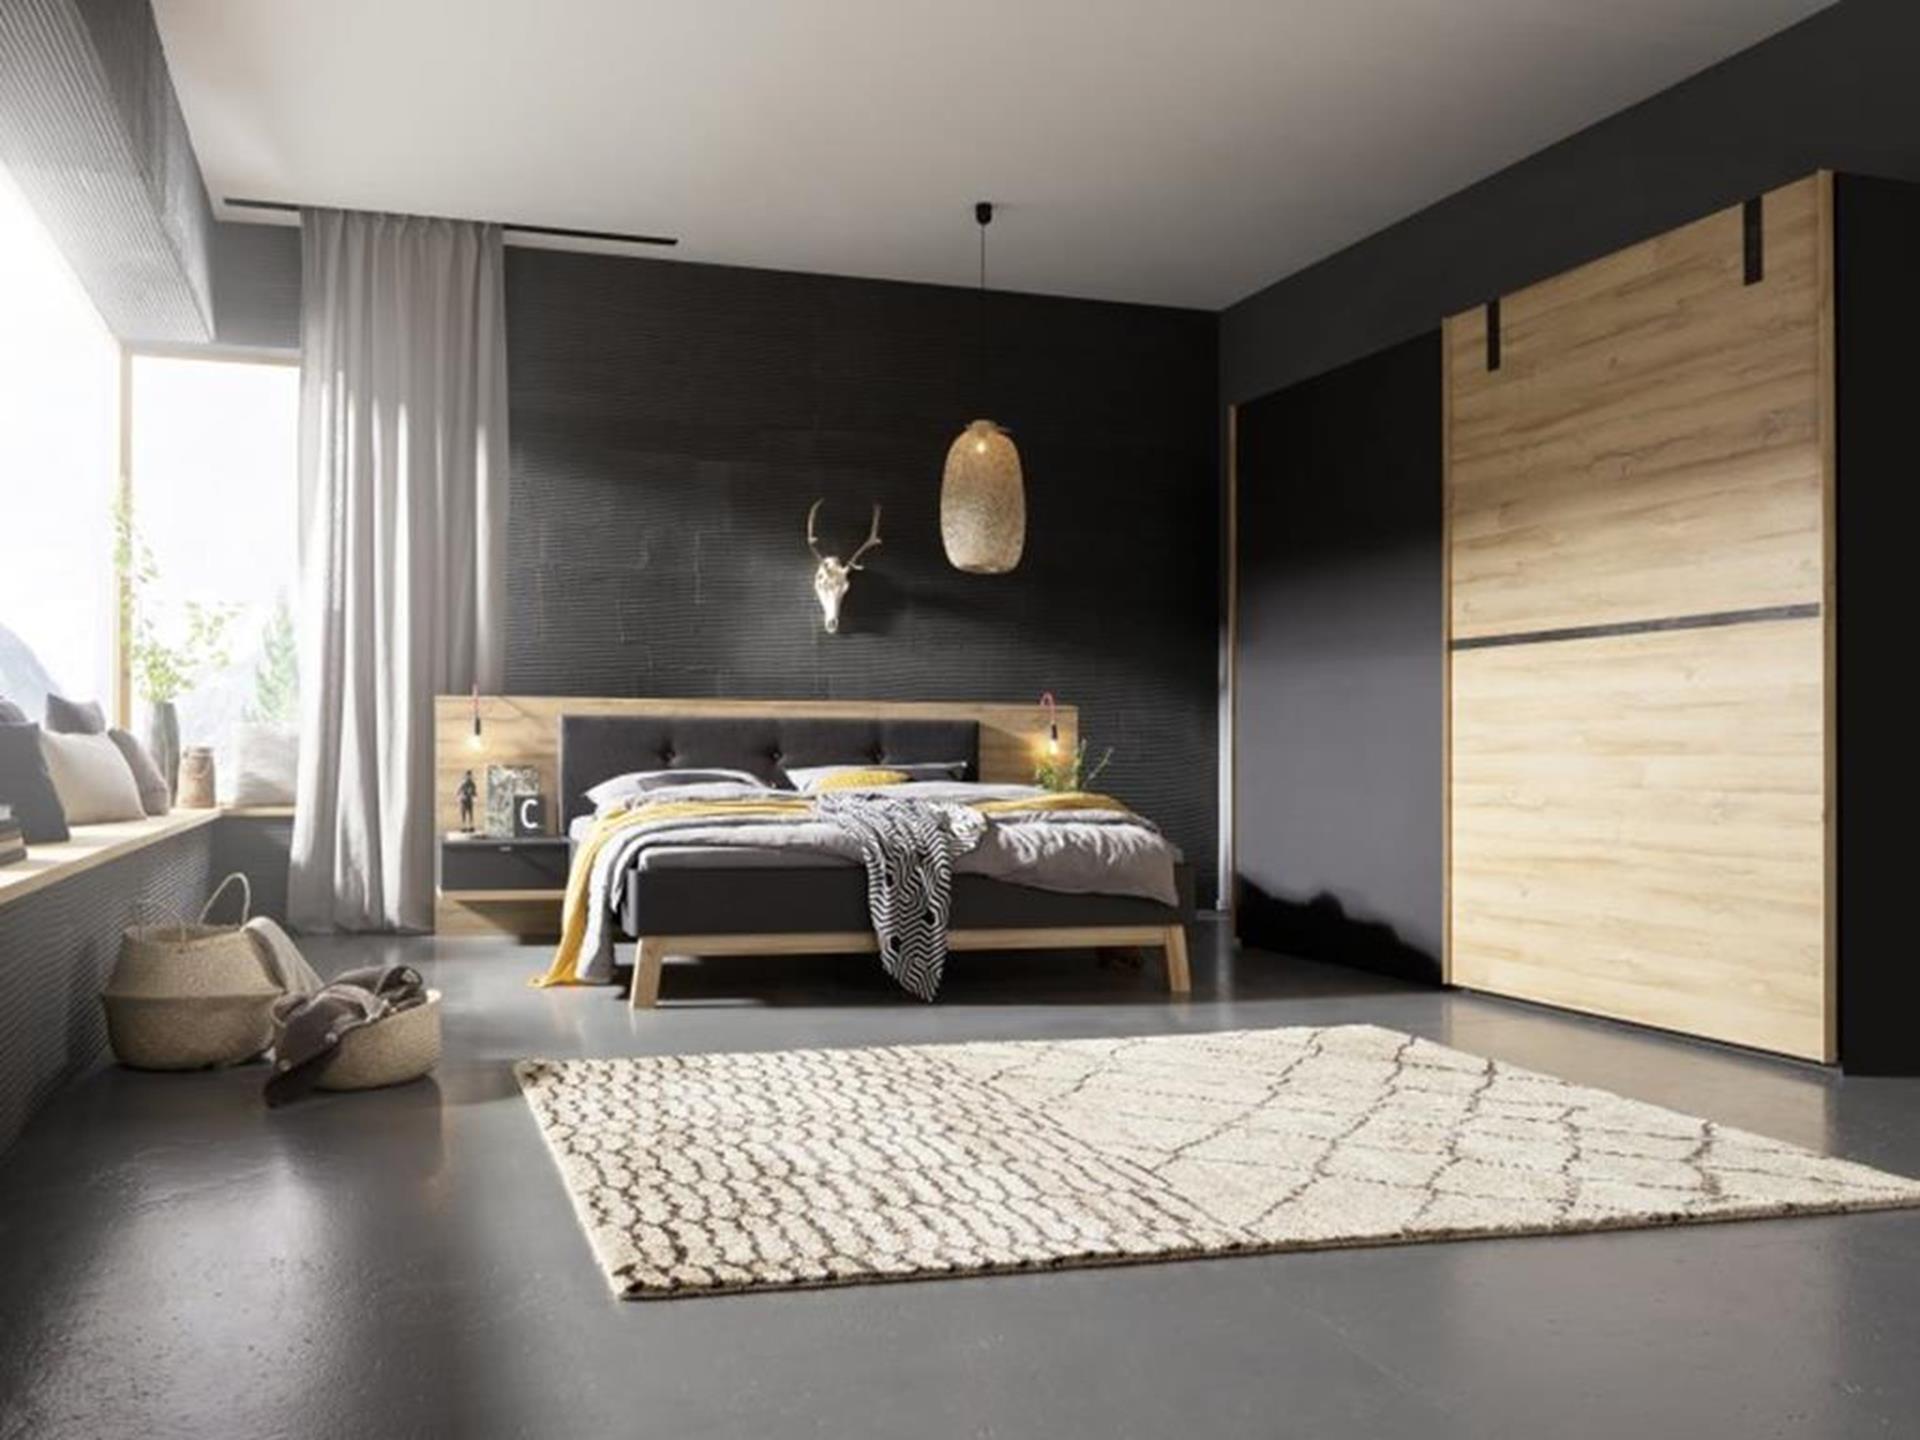 sypialnia cepelin z meblami niemieckiego producenta nolte